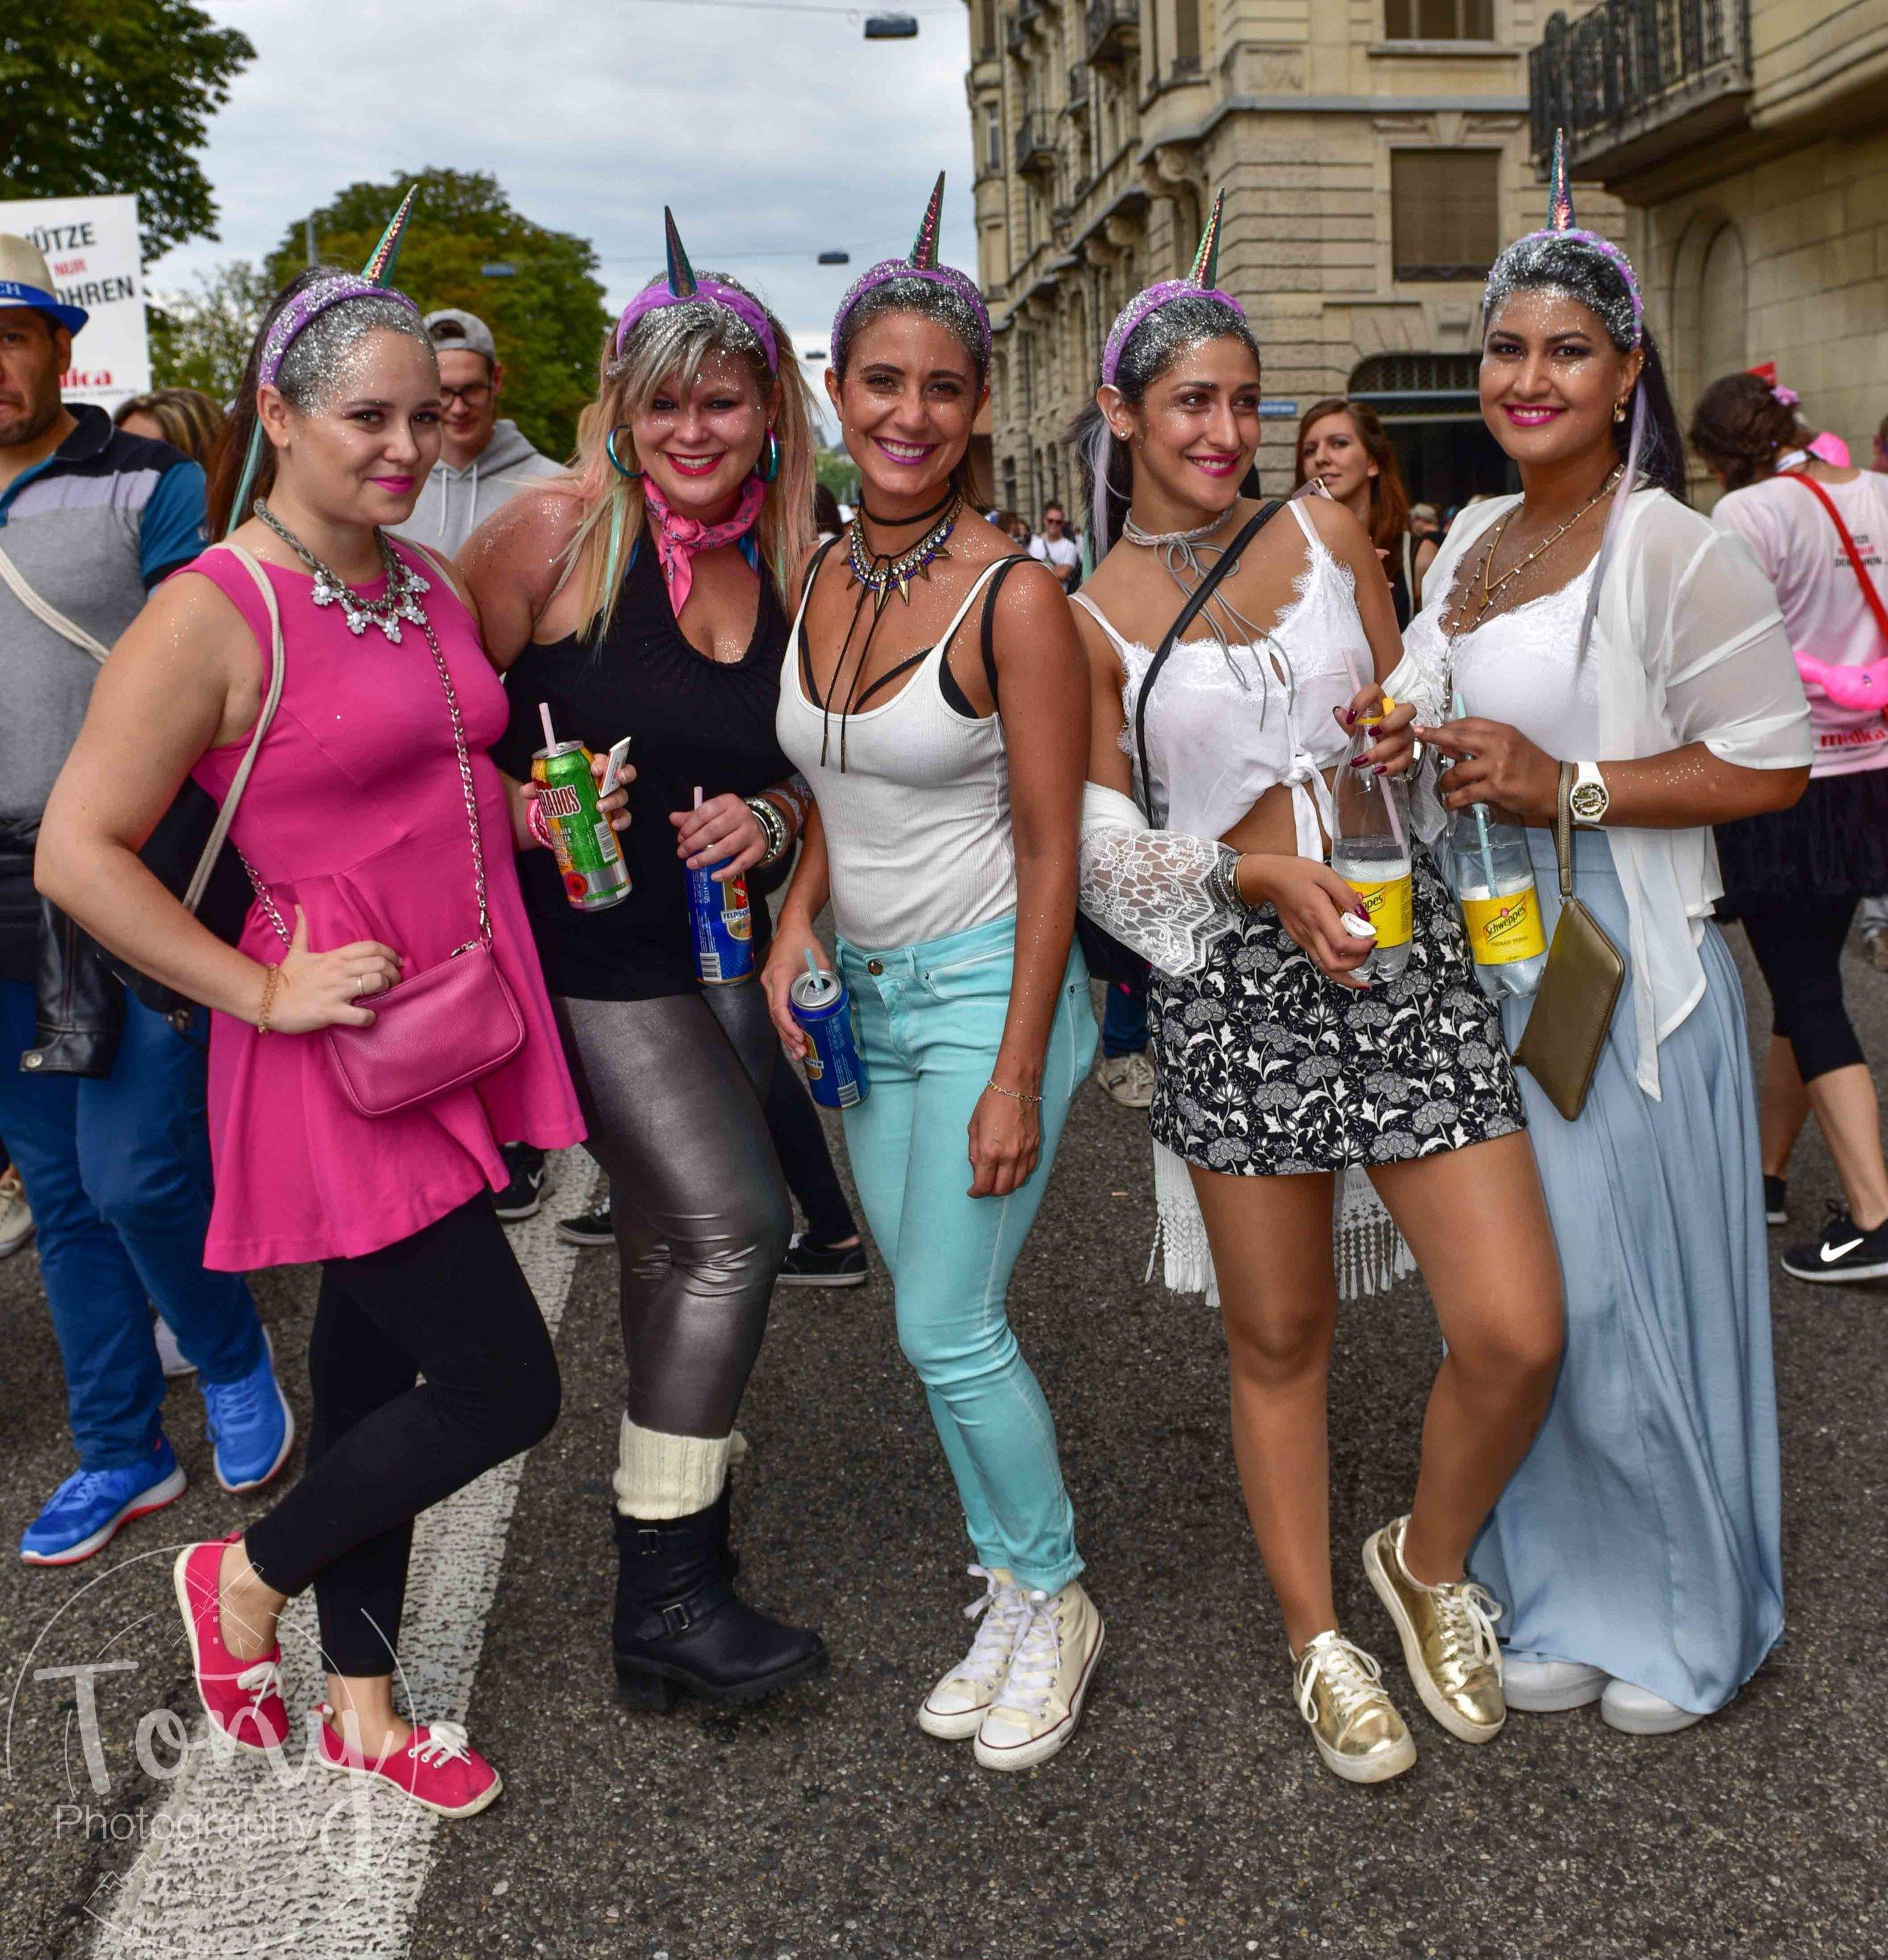 streetparade-54.jpg